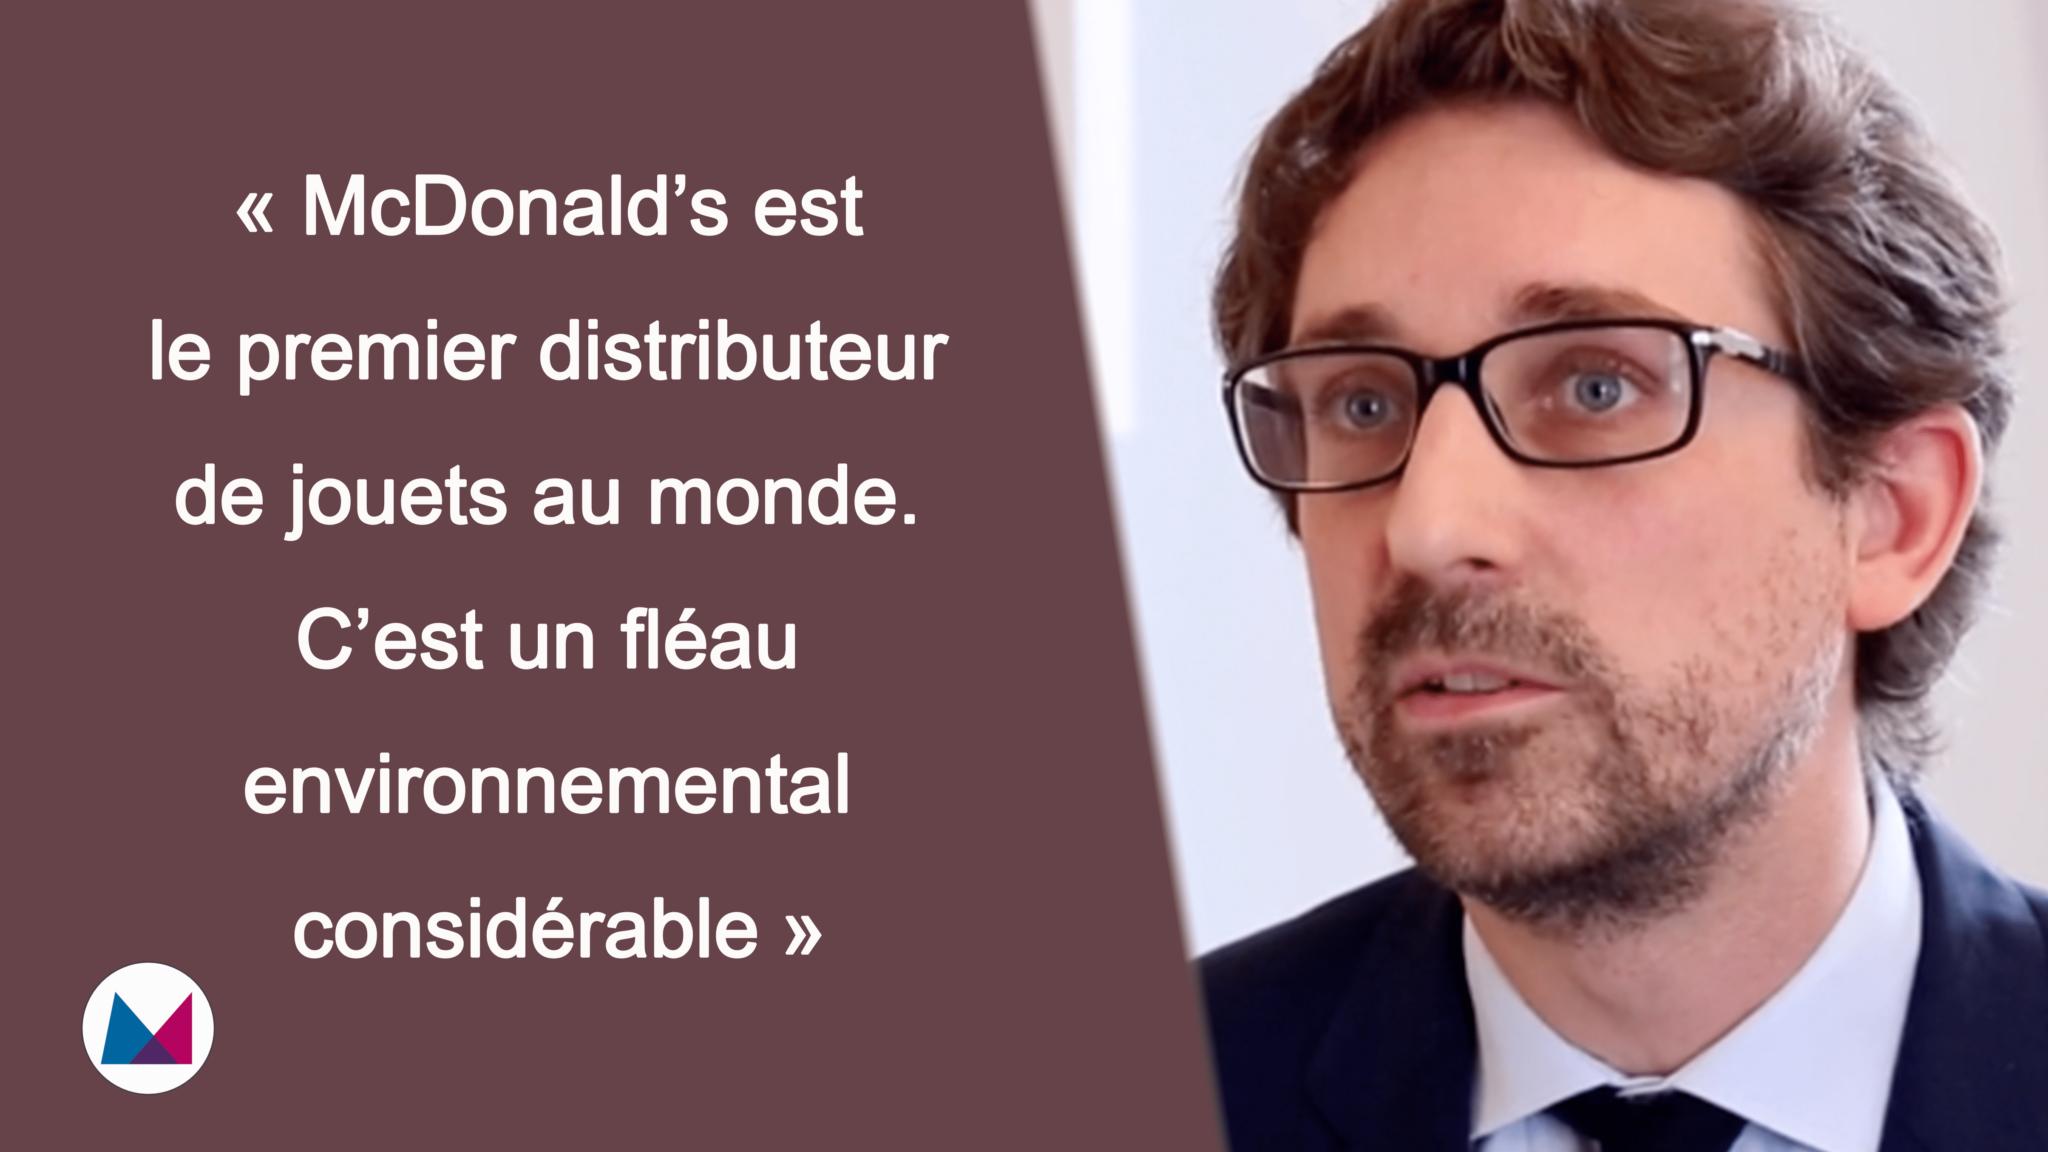 Nicolas Mitton : «McDonalds est le premier distributeur de jouets au monde, c'est un fléau environnemental considérable»